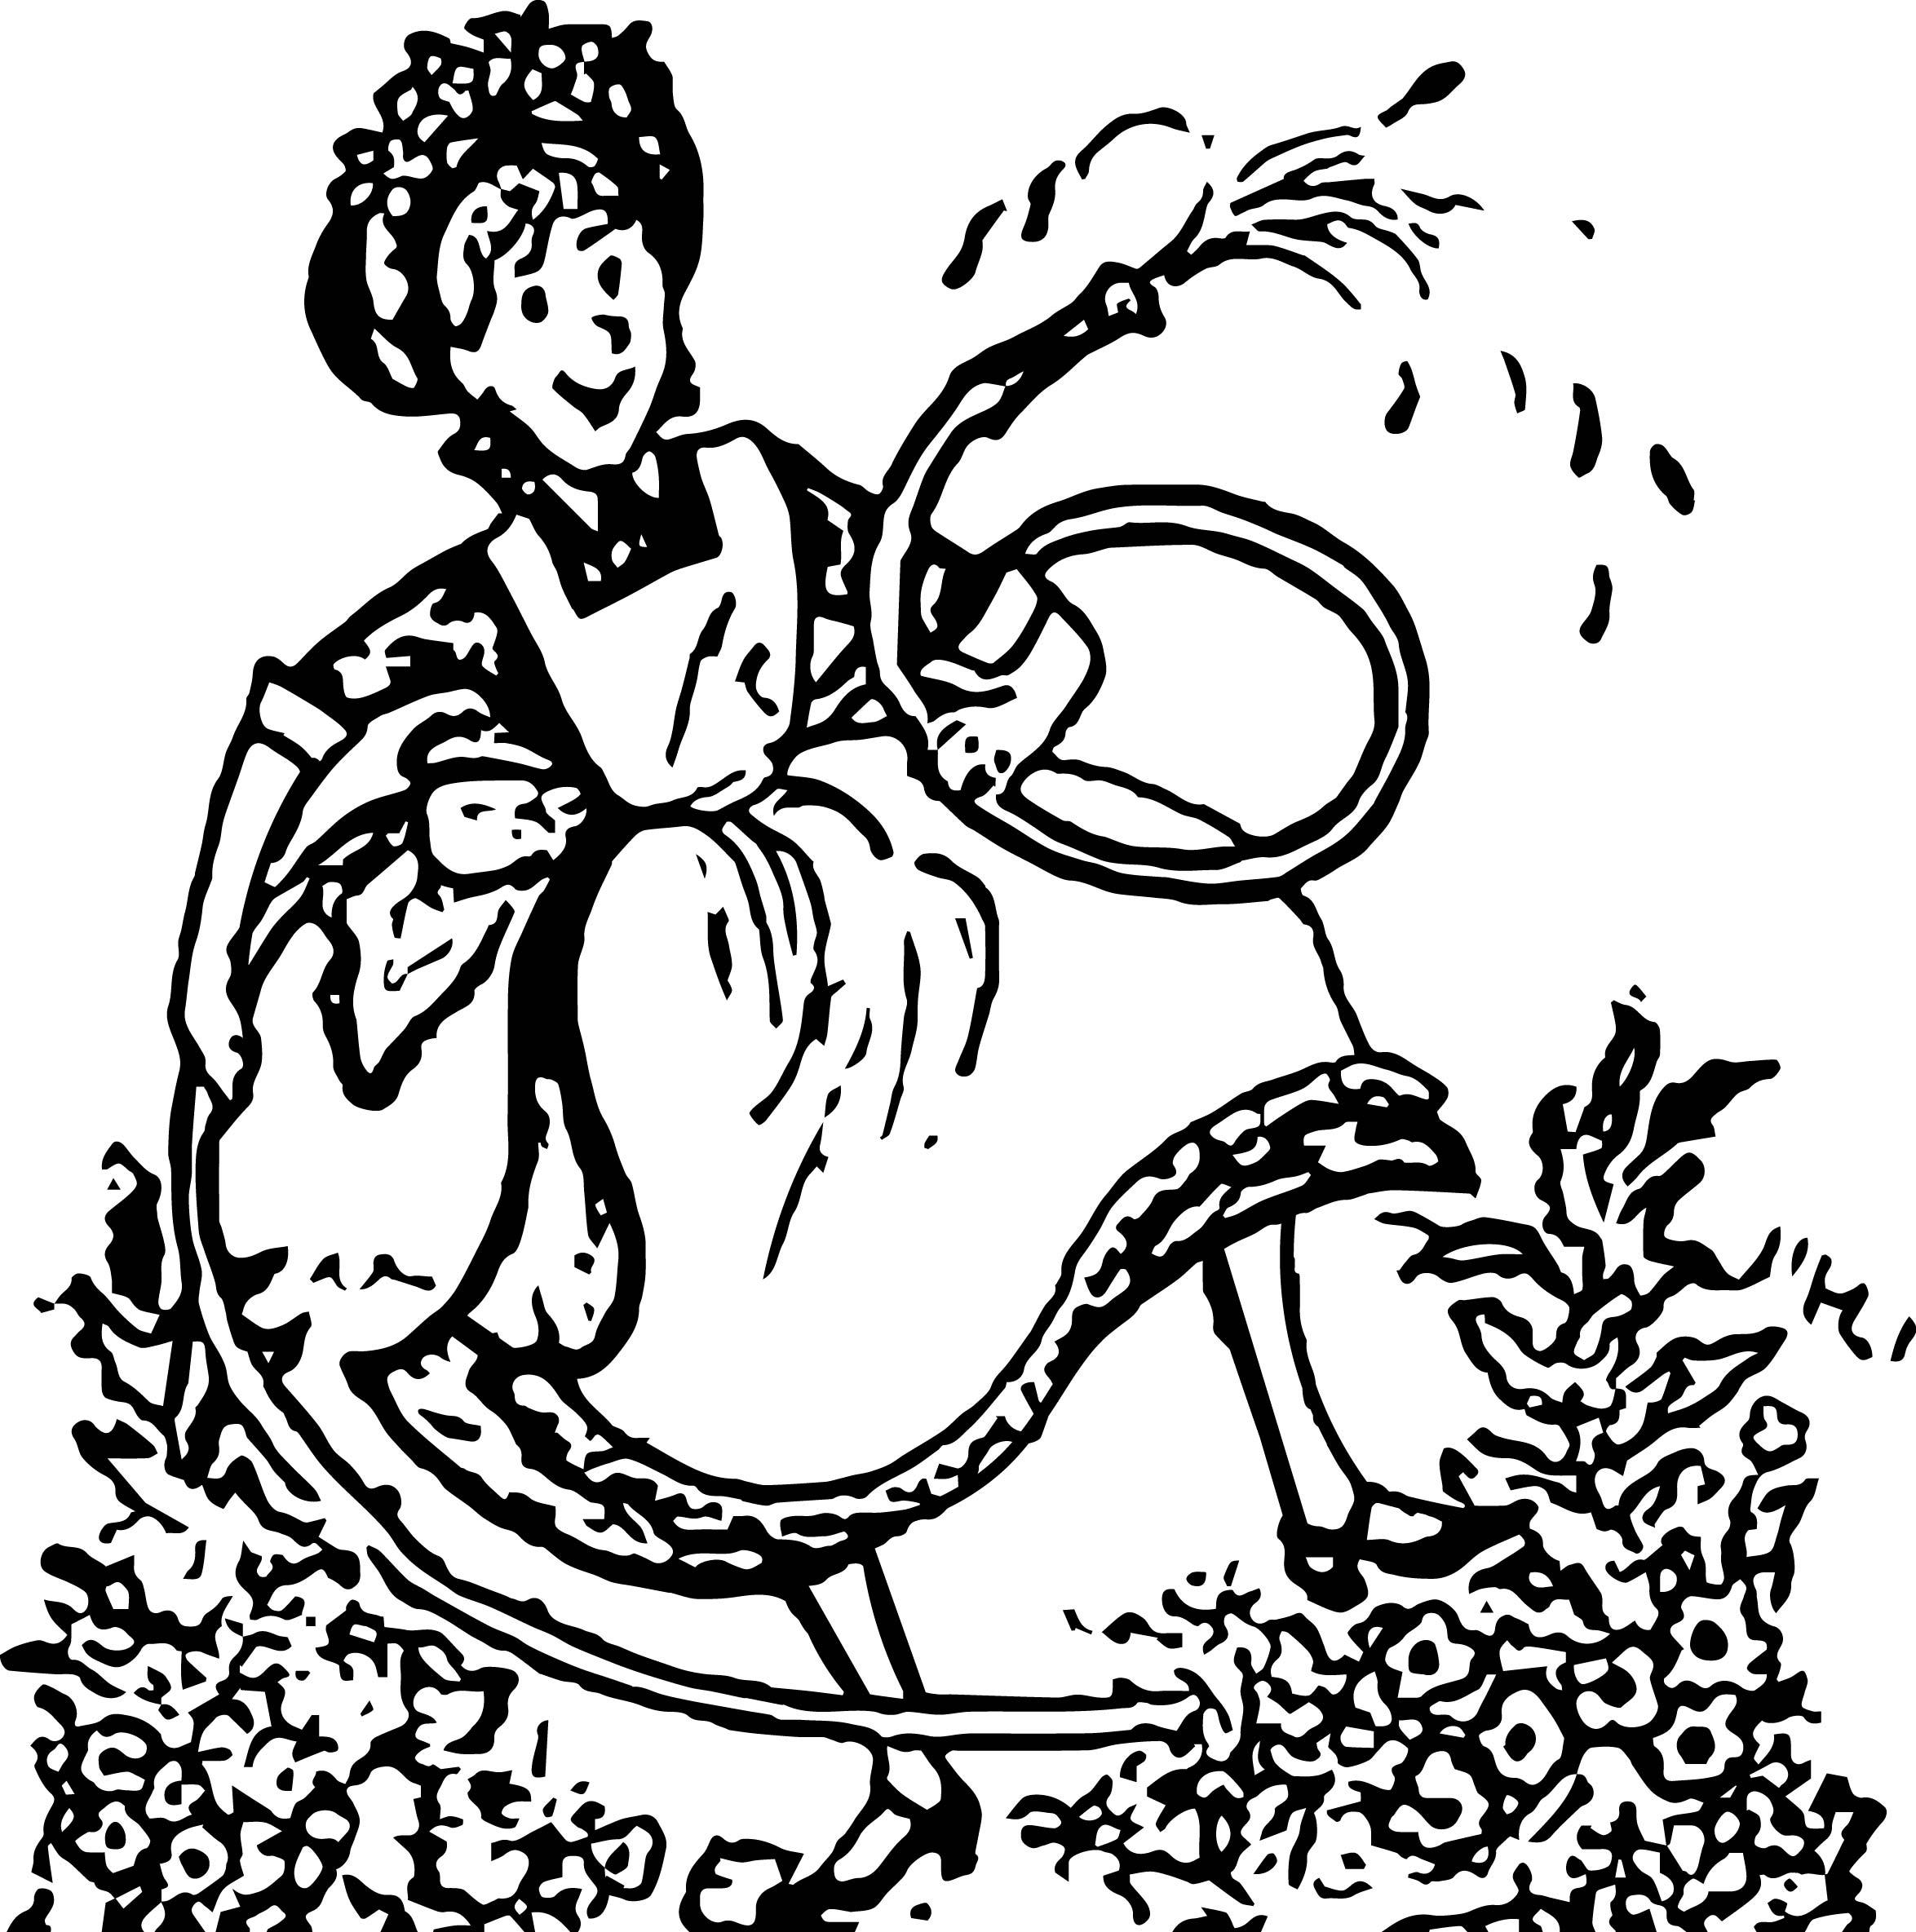 Amelia Bedelia Garden Shower Coloring Page